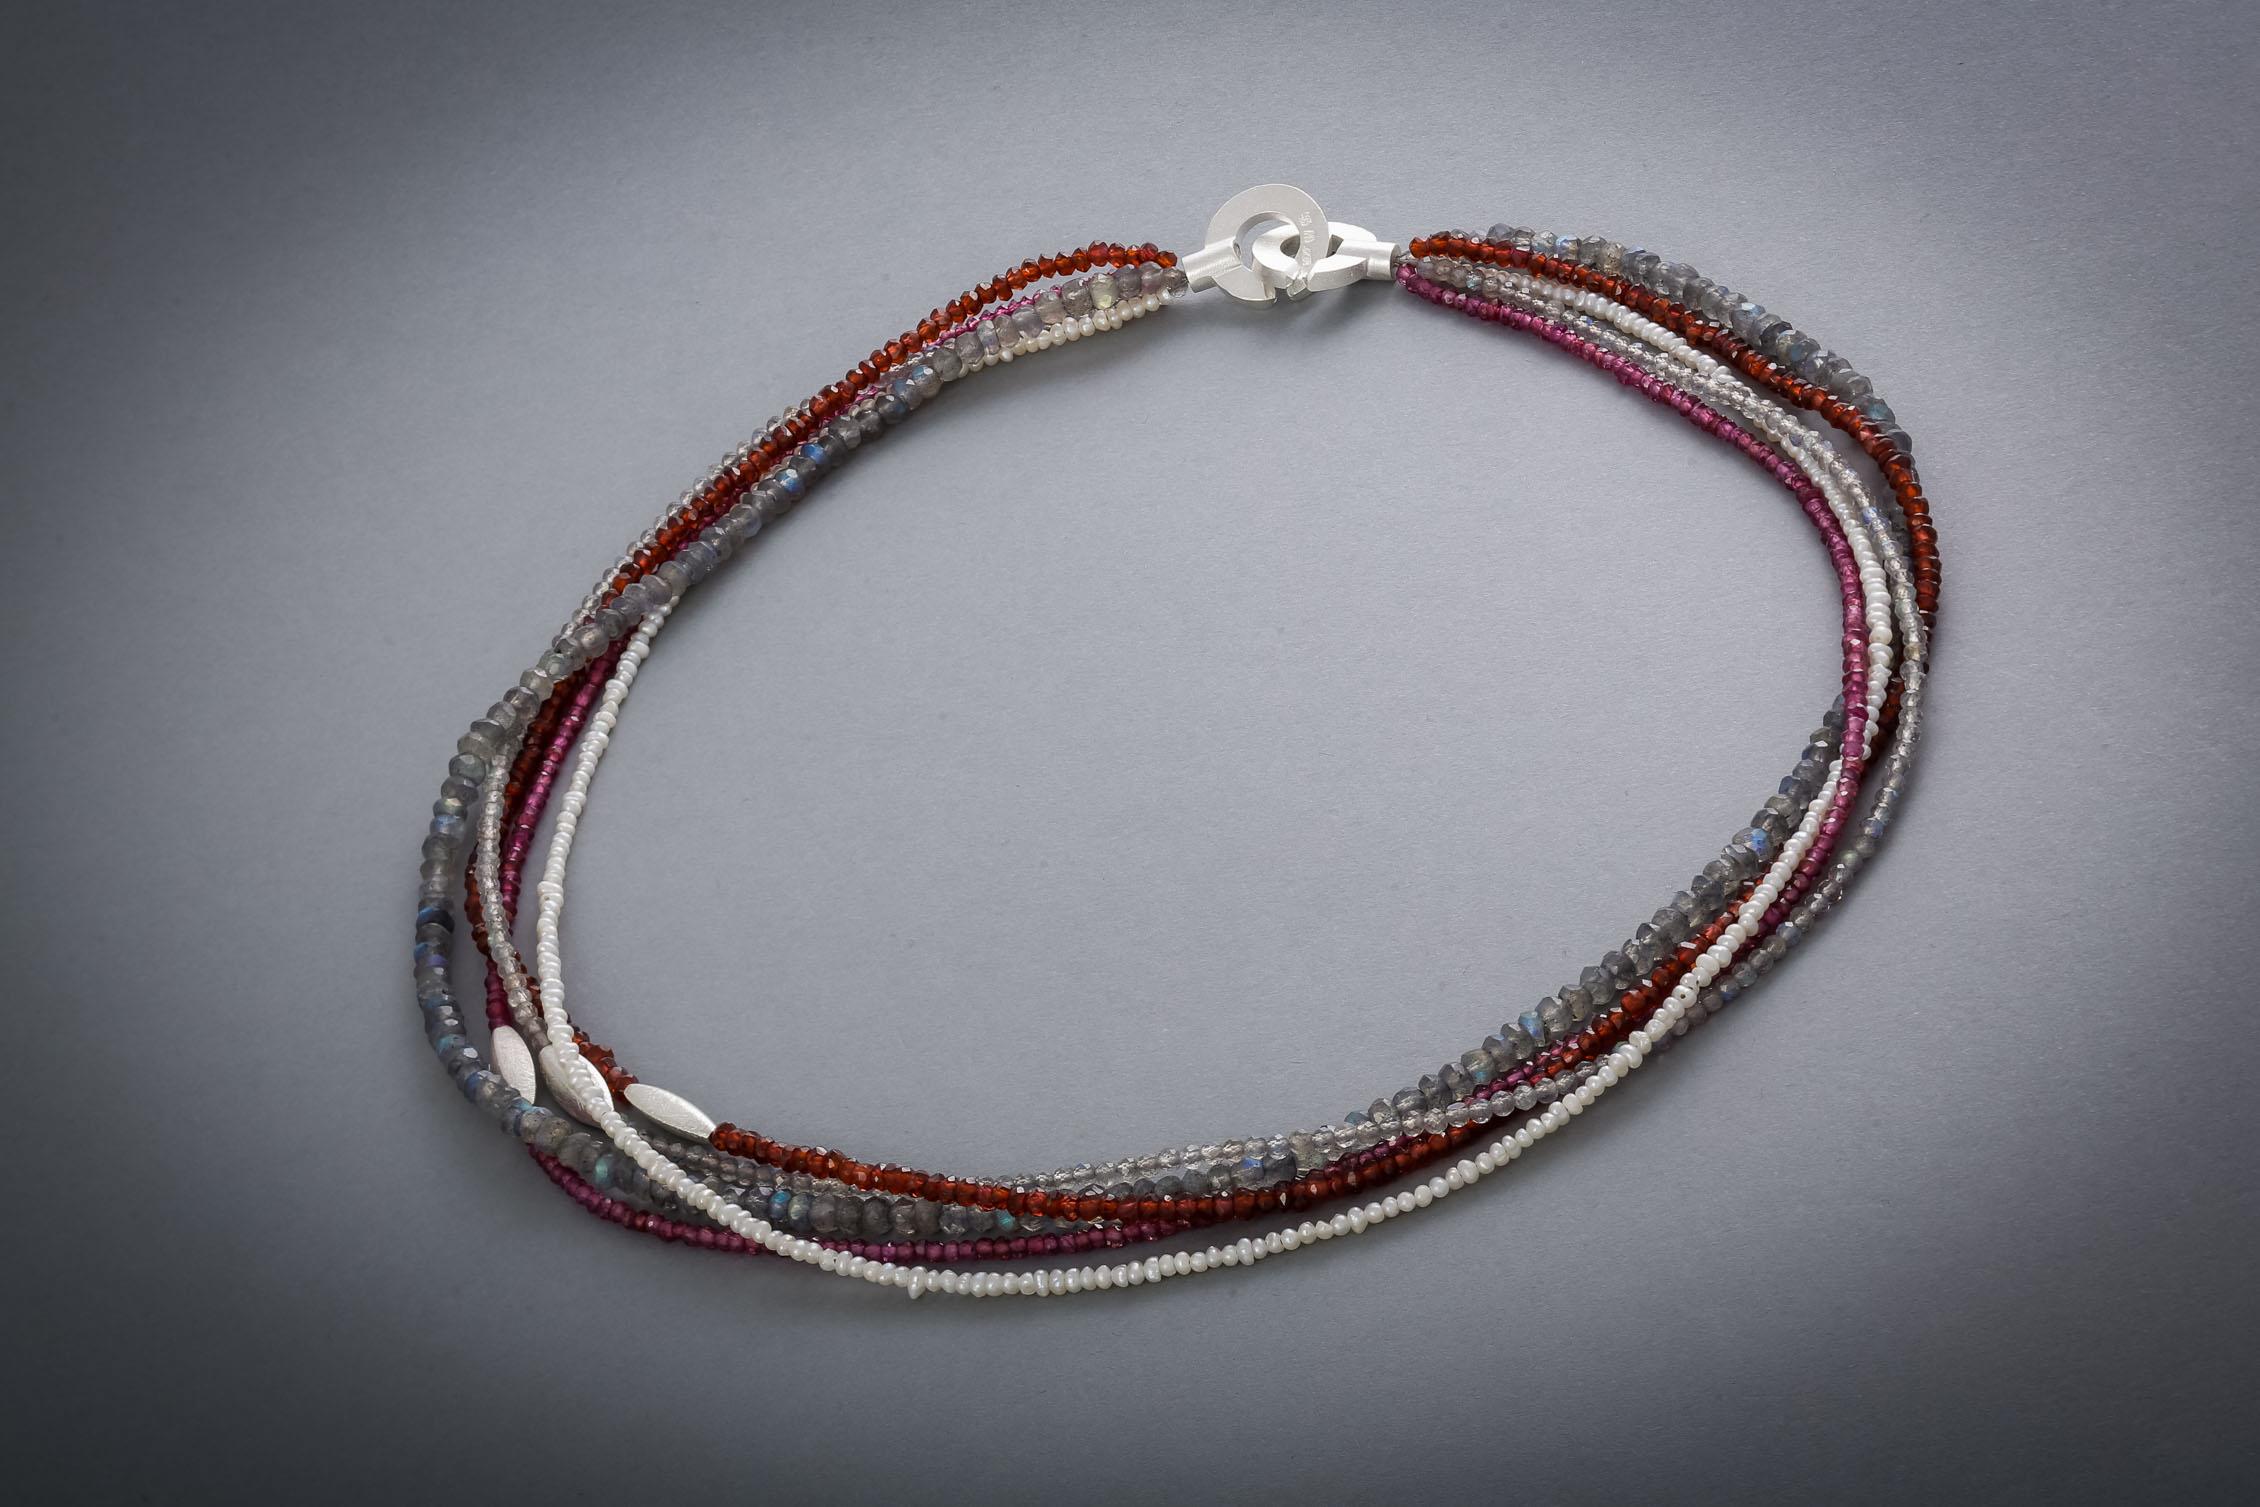 086 Edelsteinkette, Silber, Granat, Perlen, Labradorit € 278,-